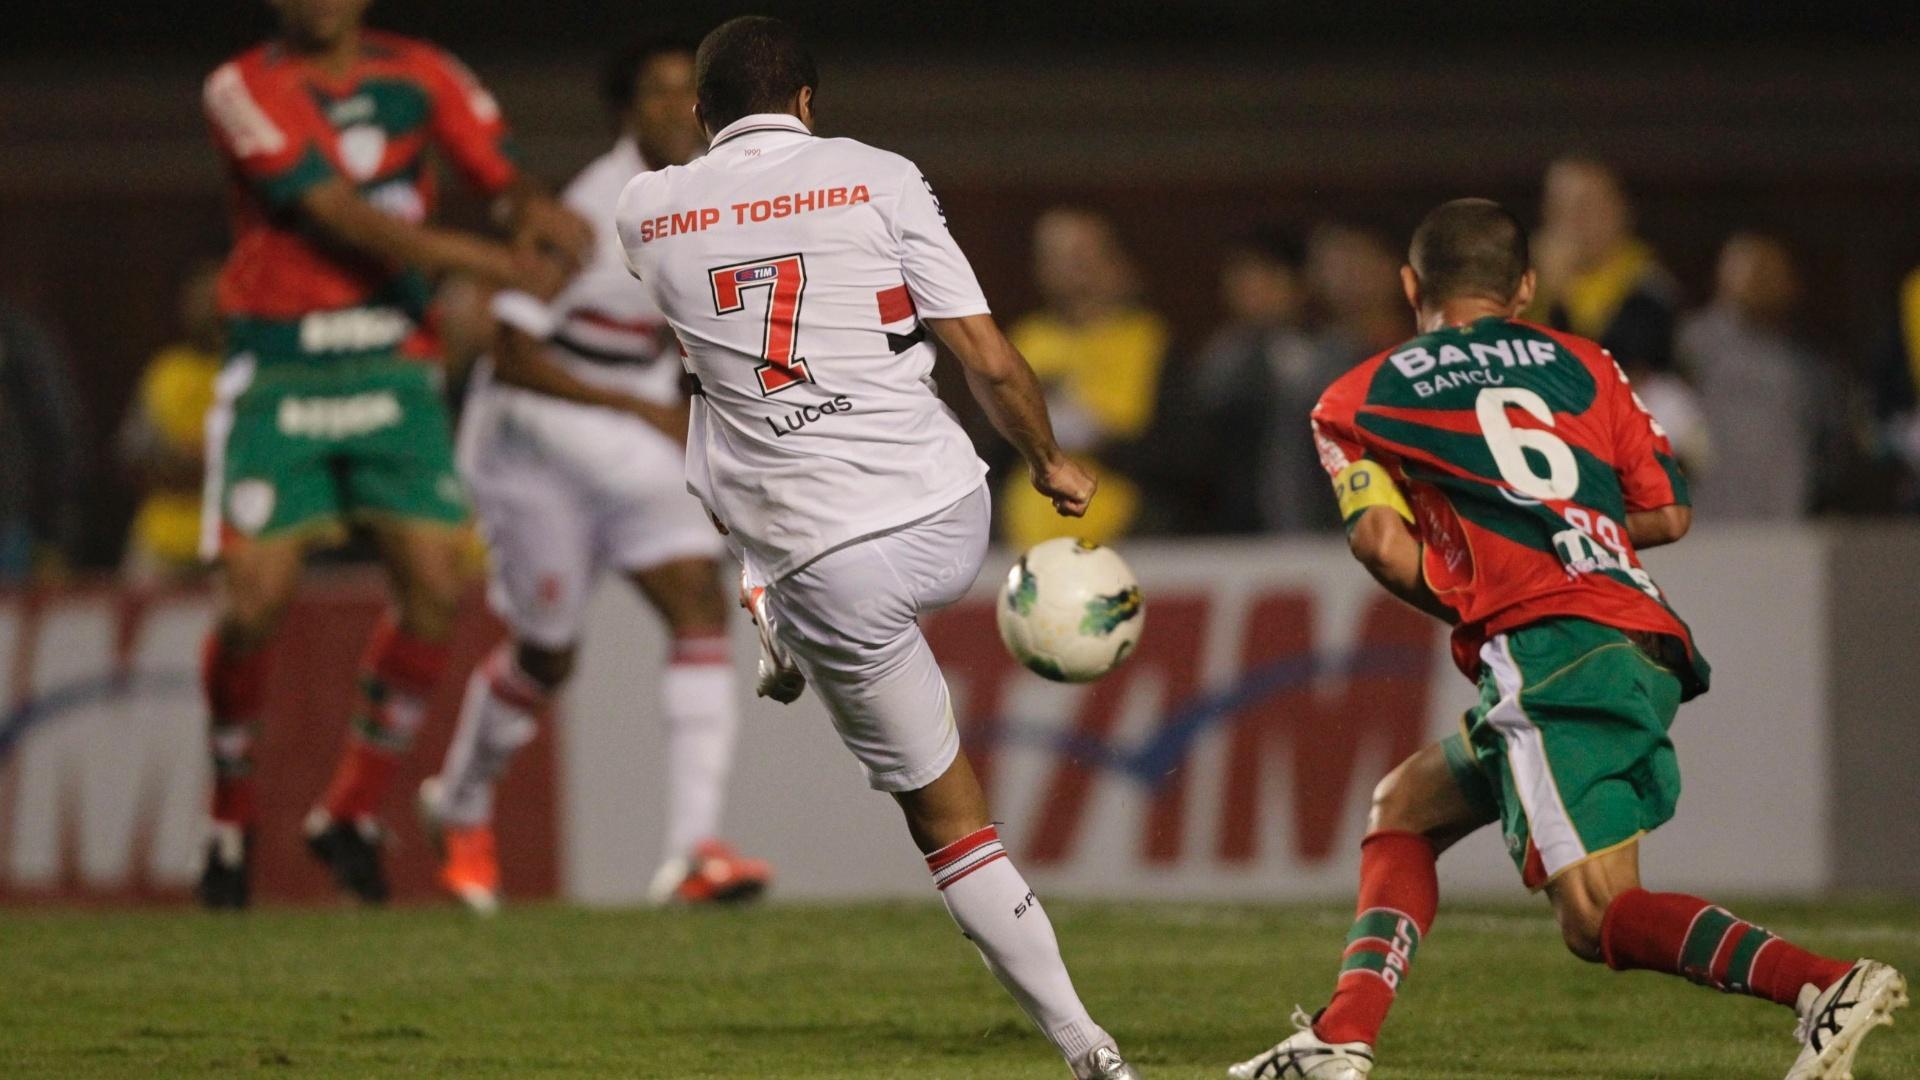 Lucas finaliza para marcar o segundo gol do São Paulo, após desvio de Cortez, na partida contra a Portuguesa no Morumbi